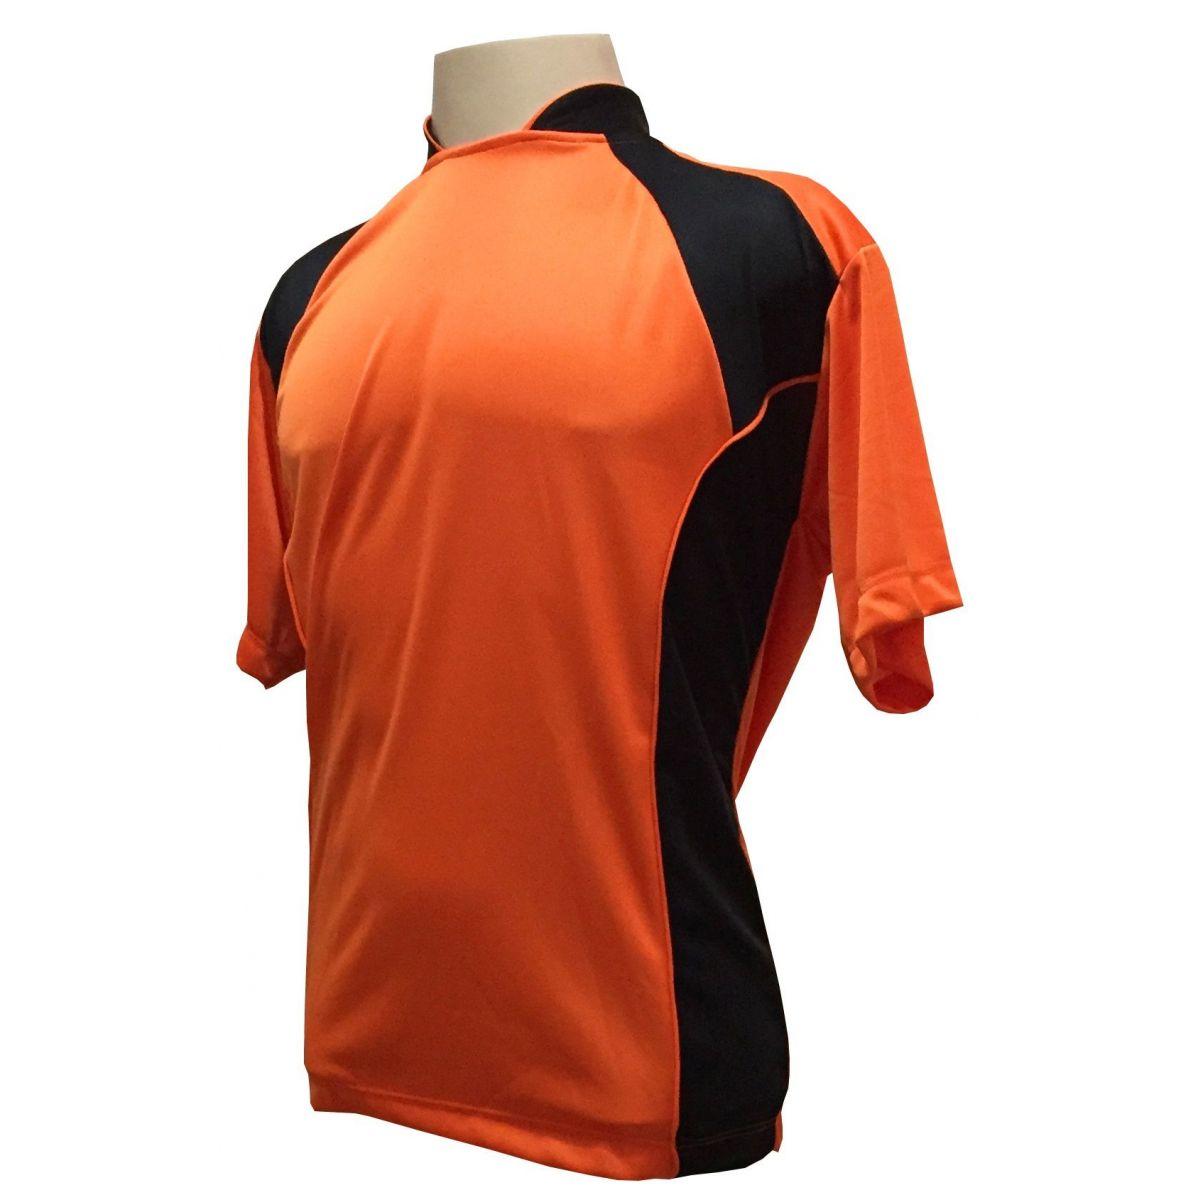 Uniforme Esportivo com 14 camisas modelo Suécia Laranja/Preto + 14 calções modelo Madrid + 1 Goleiro + Brindes